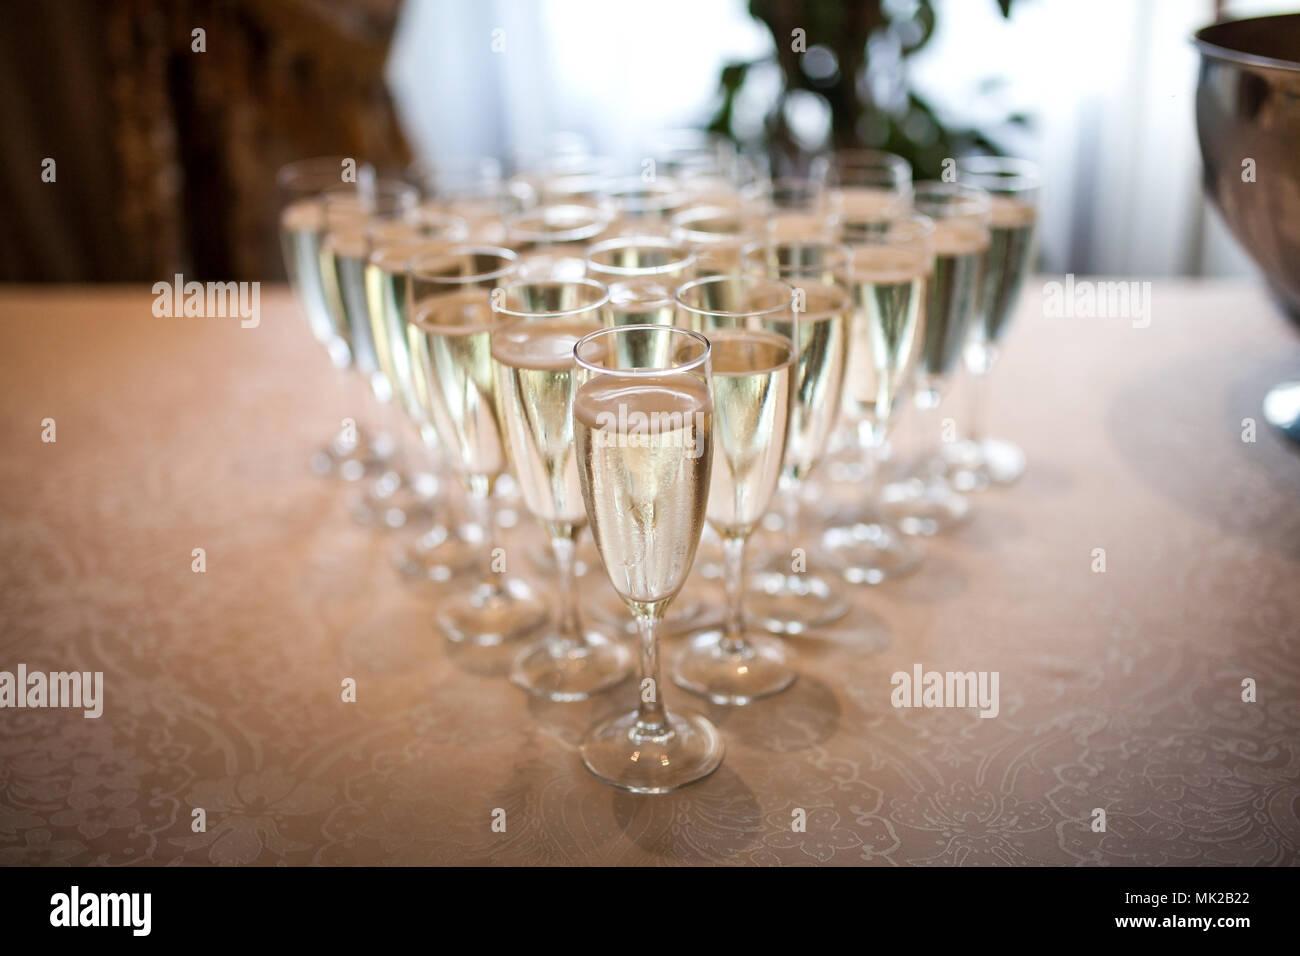 Gläser mit Champagner auf dem Tisch Stockbild